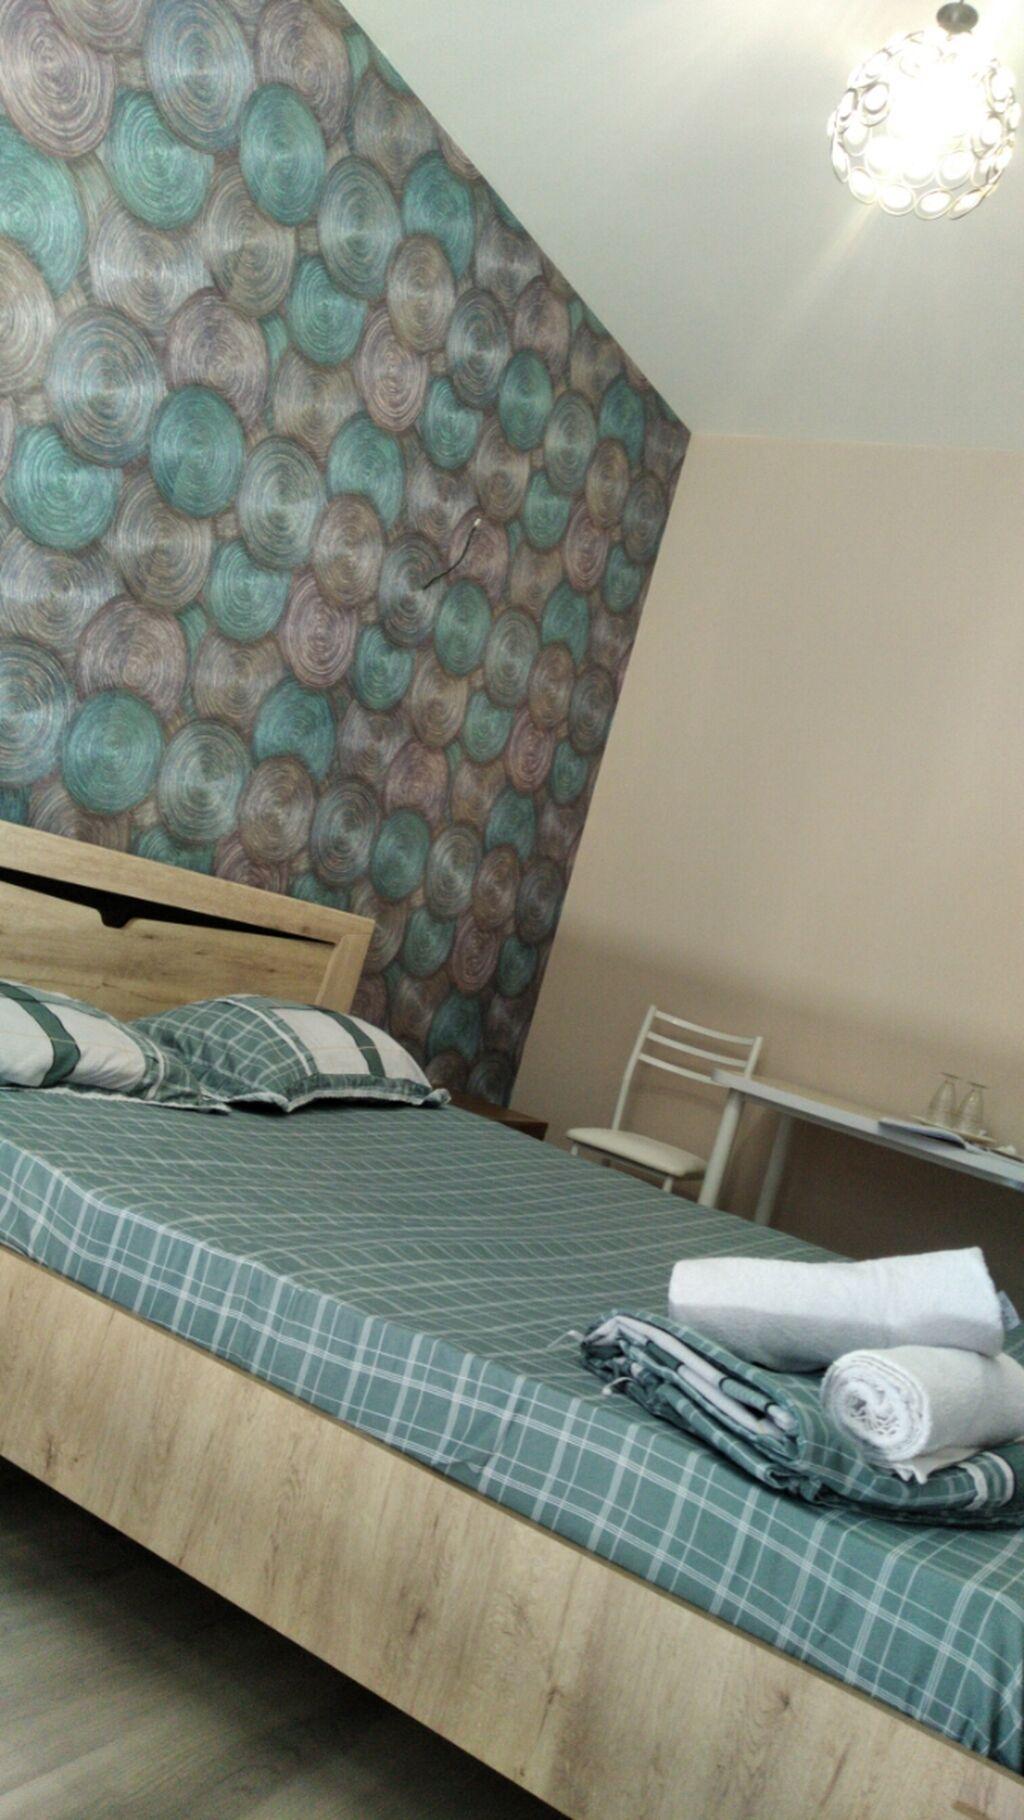 Гостиница гостиница гостиница гостиница гостиница гостиница гостиница гостиница гостиница гостиница гостиница ночь 1000